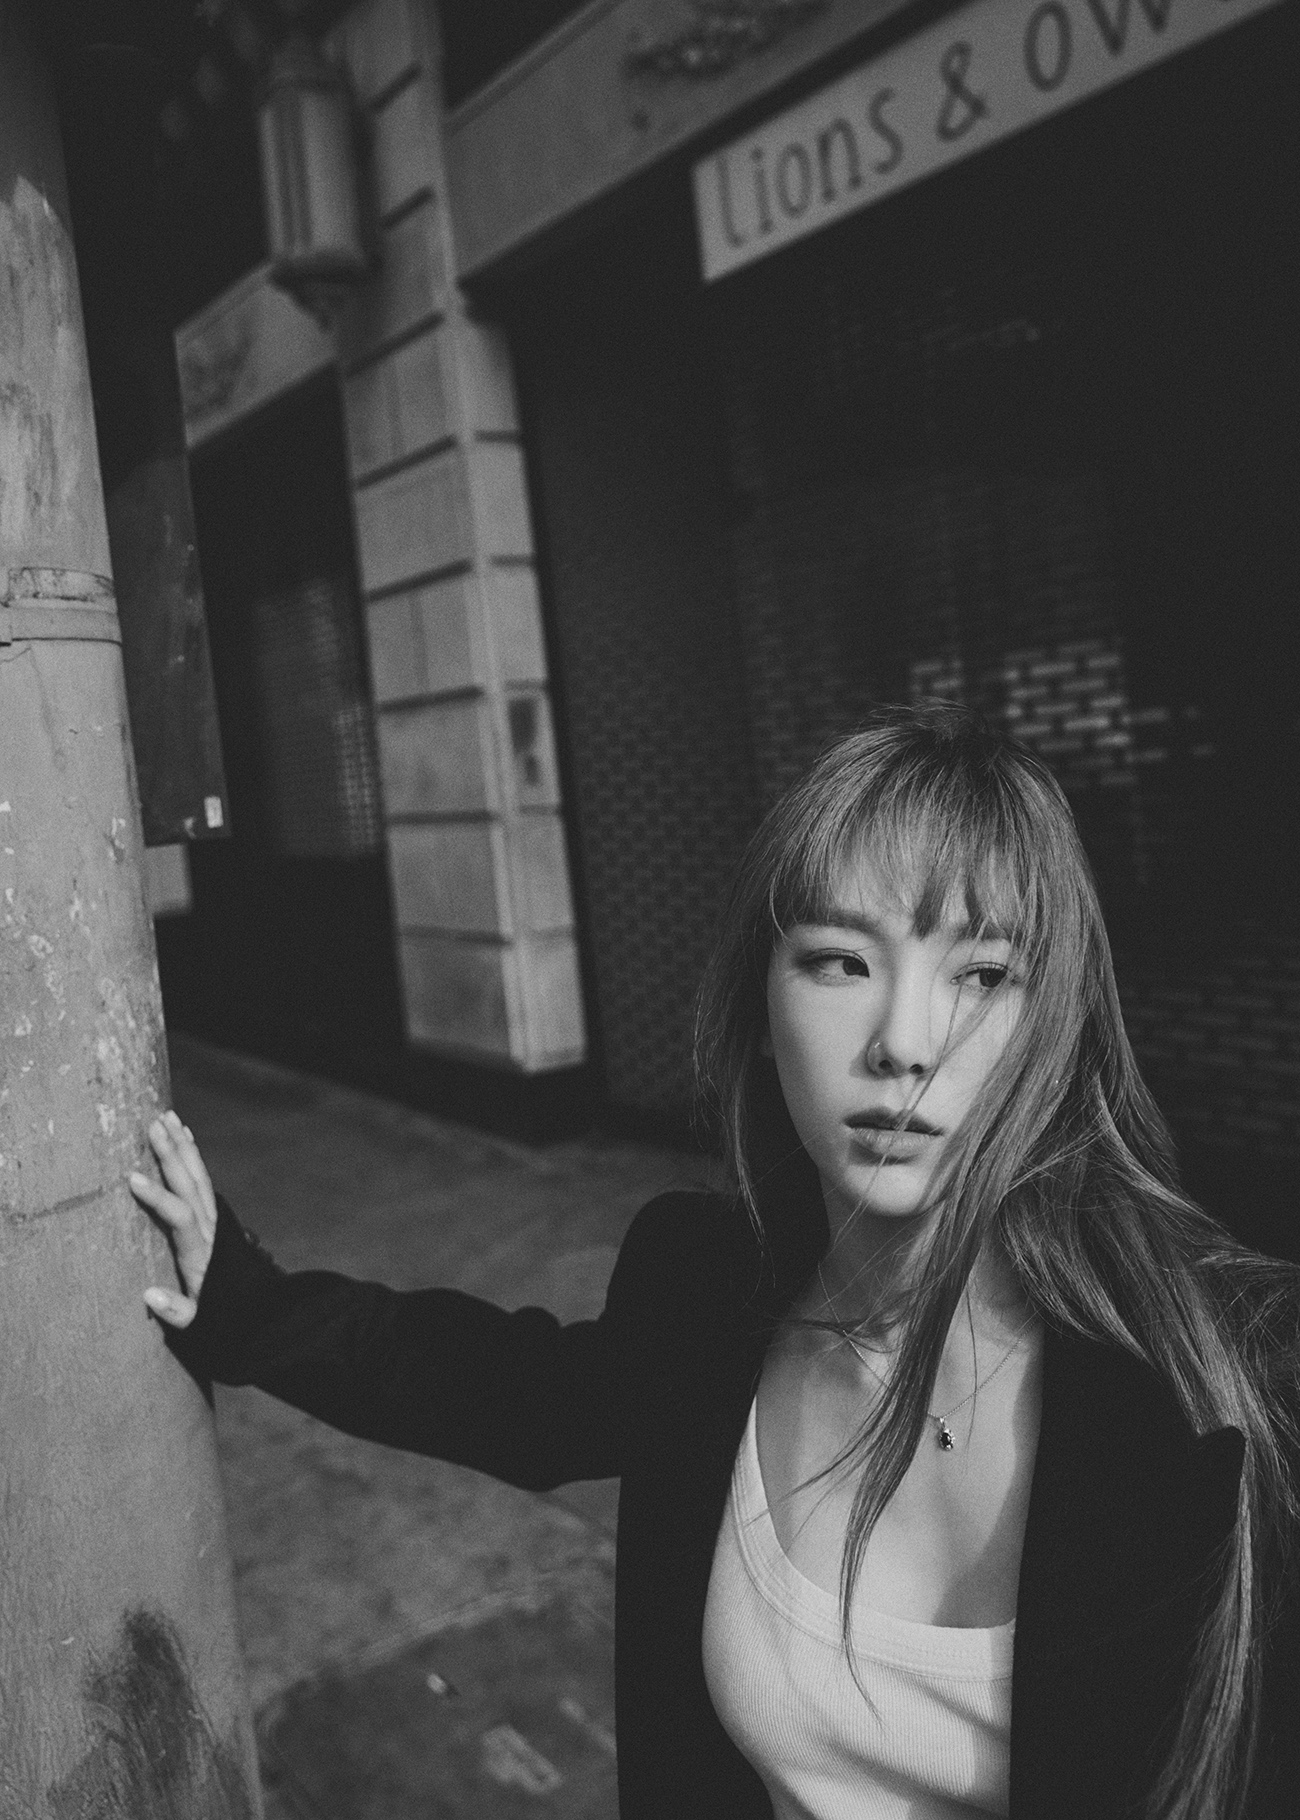 태연 정규 2집 리패키지 앨범 Purpose 티저 이미지.jpg